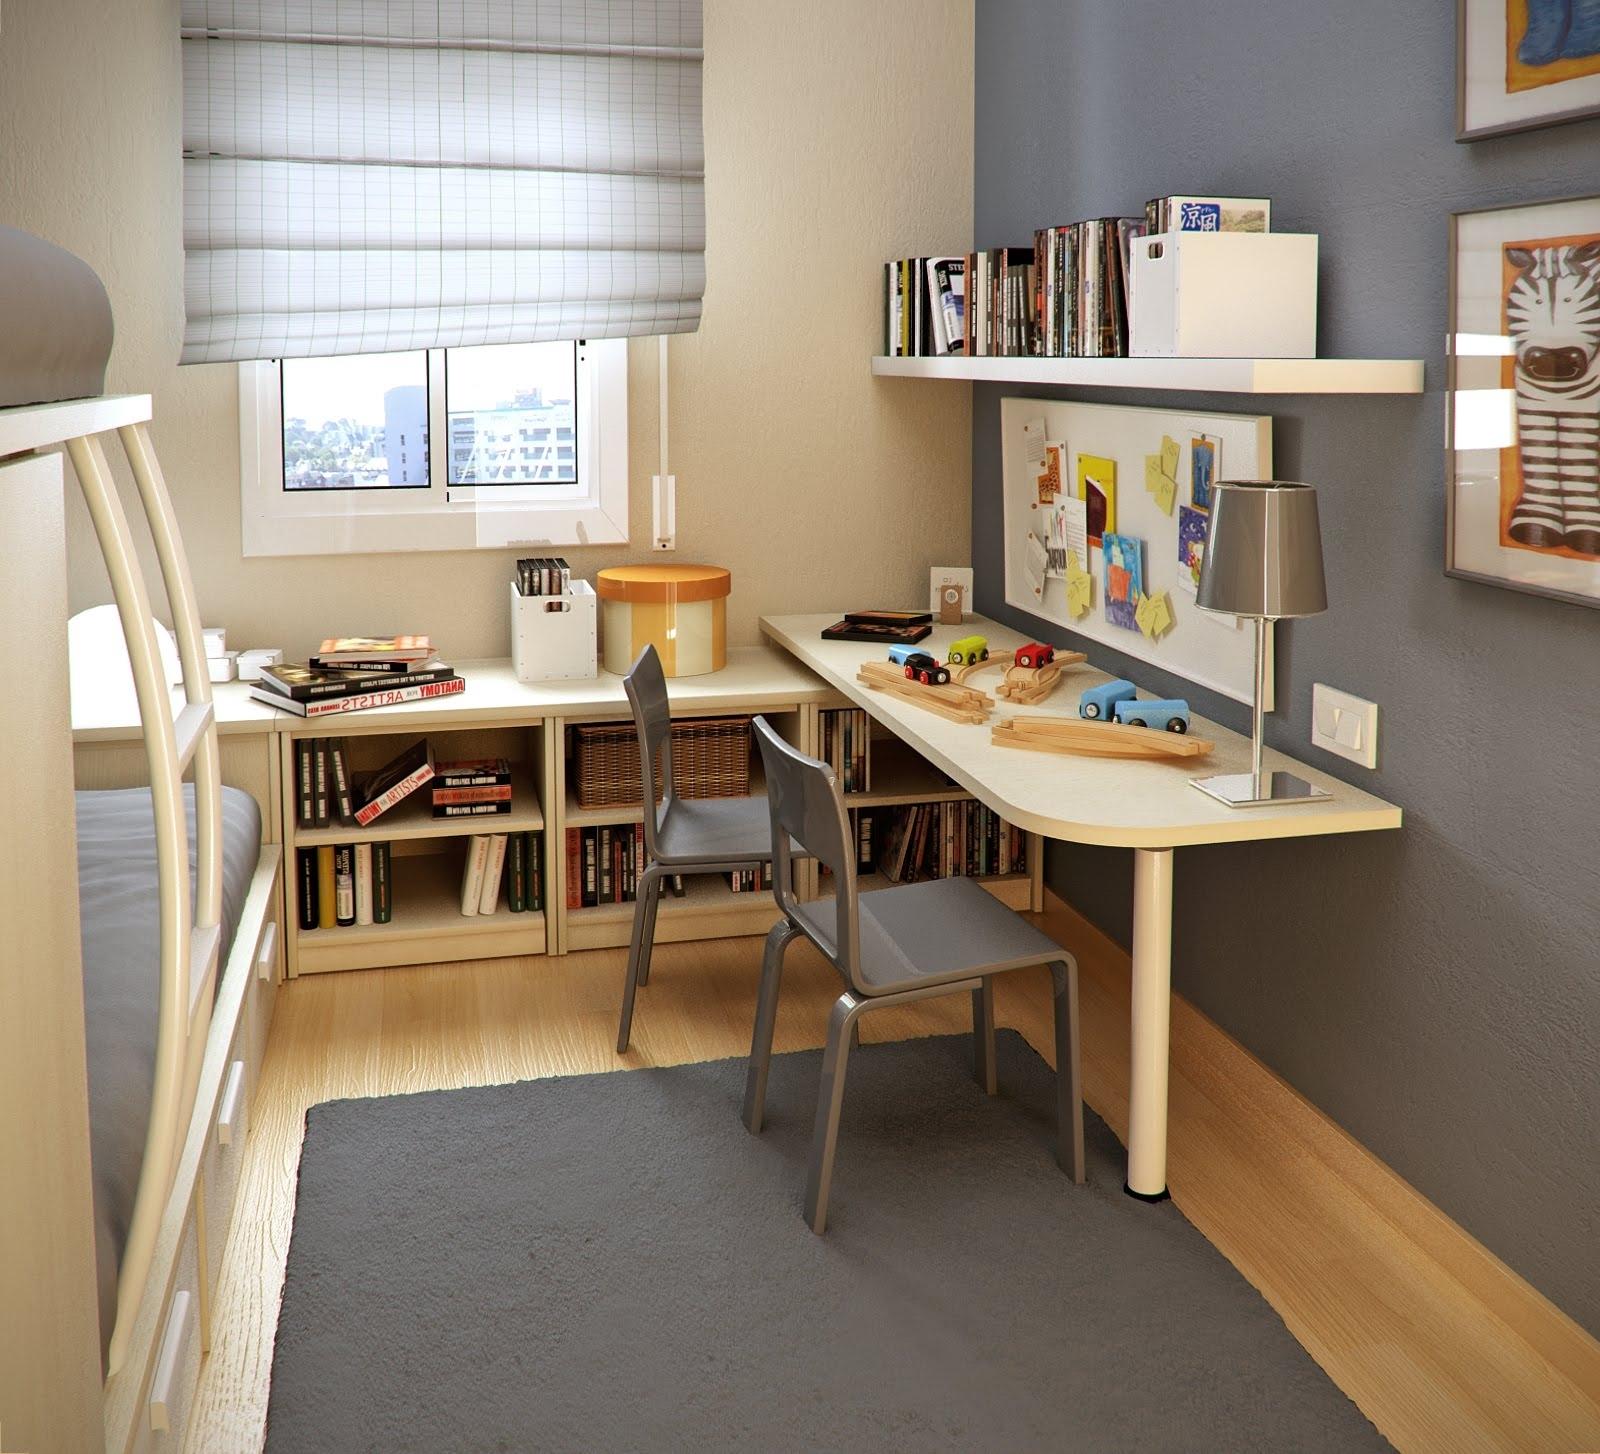 Учебный деревянный уголок для школьника